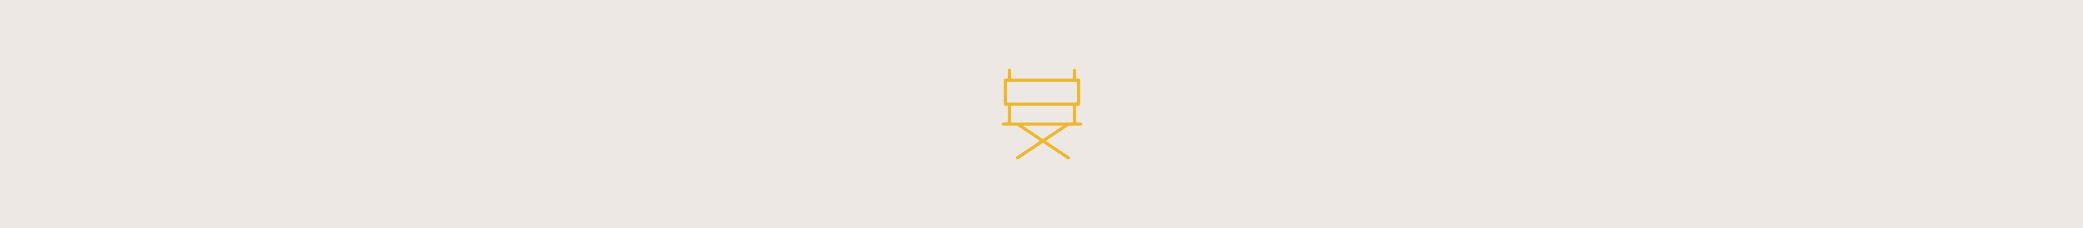 artdirection-banner.jpg